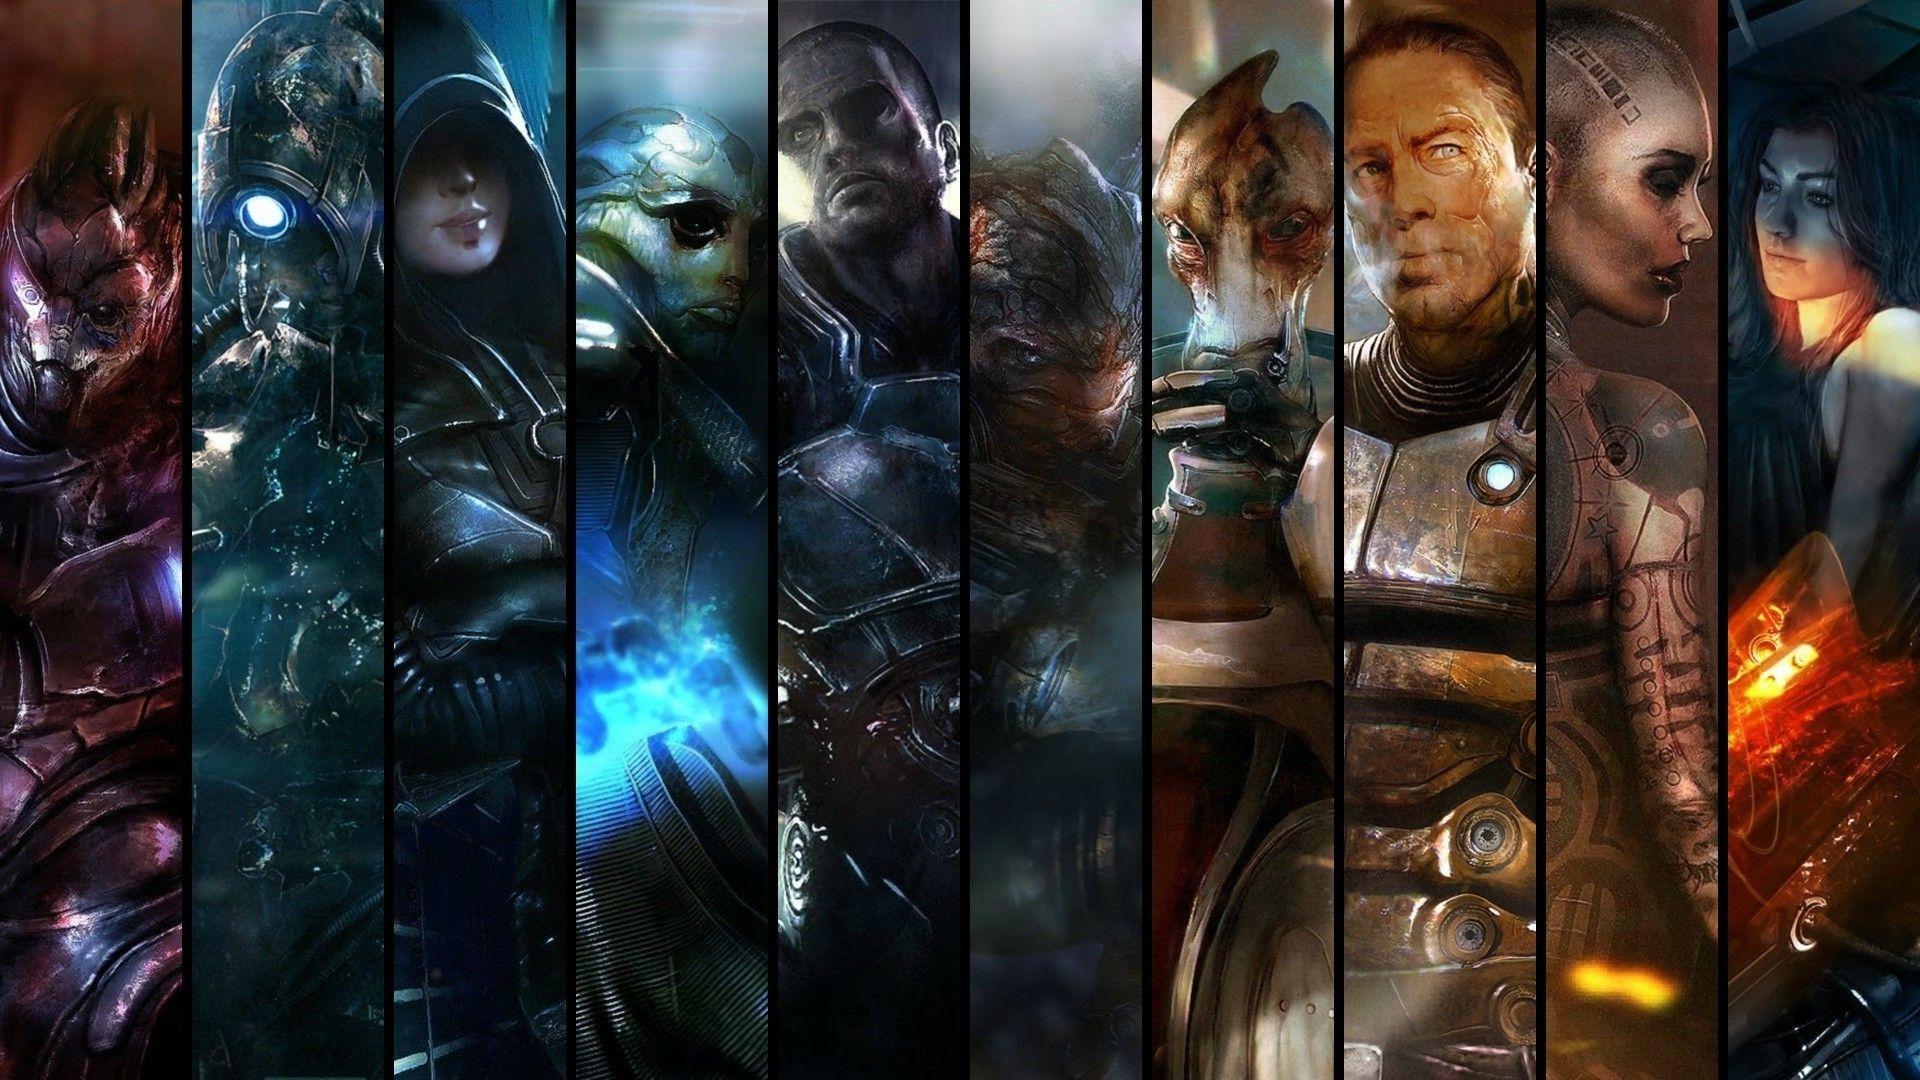 Mass Effect Mass Effect Miranda Lawson Wallpapers Hd Desktop